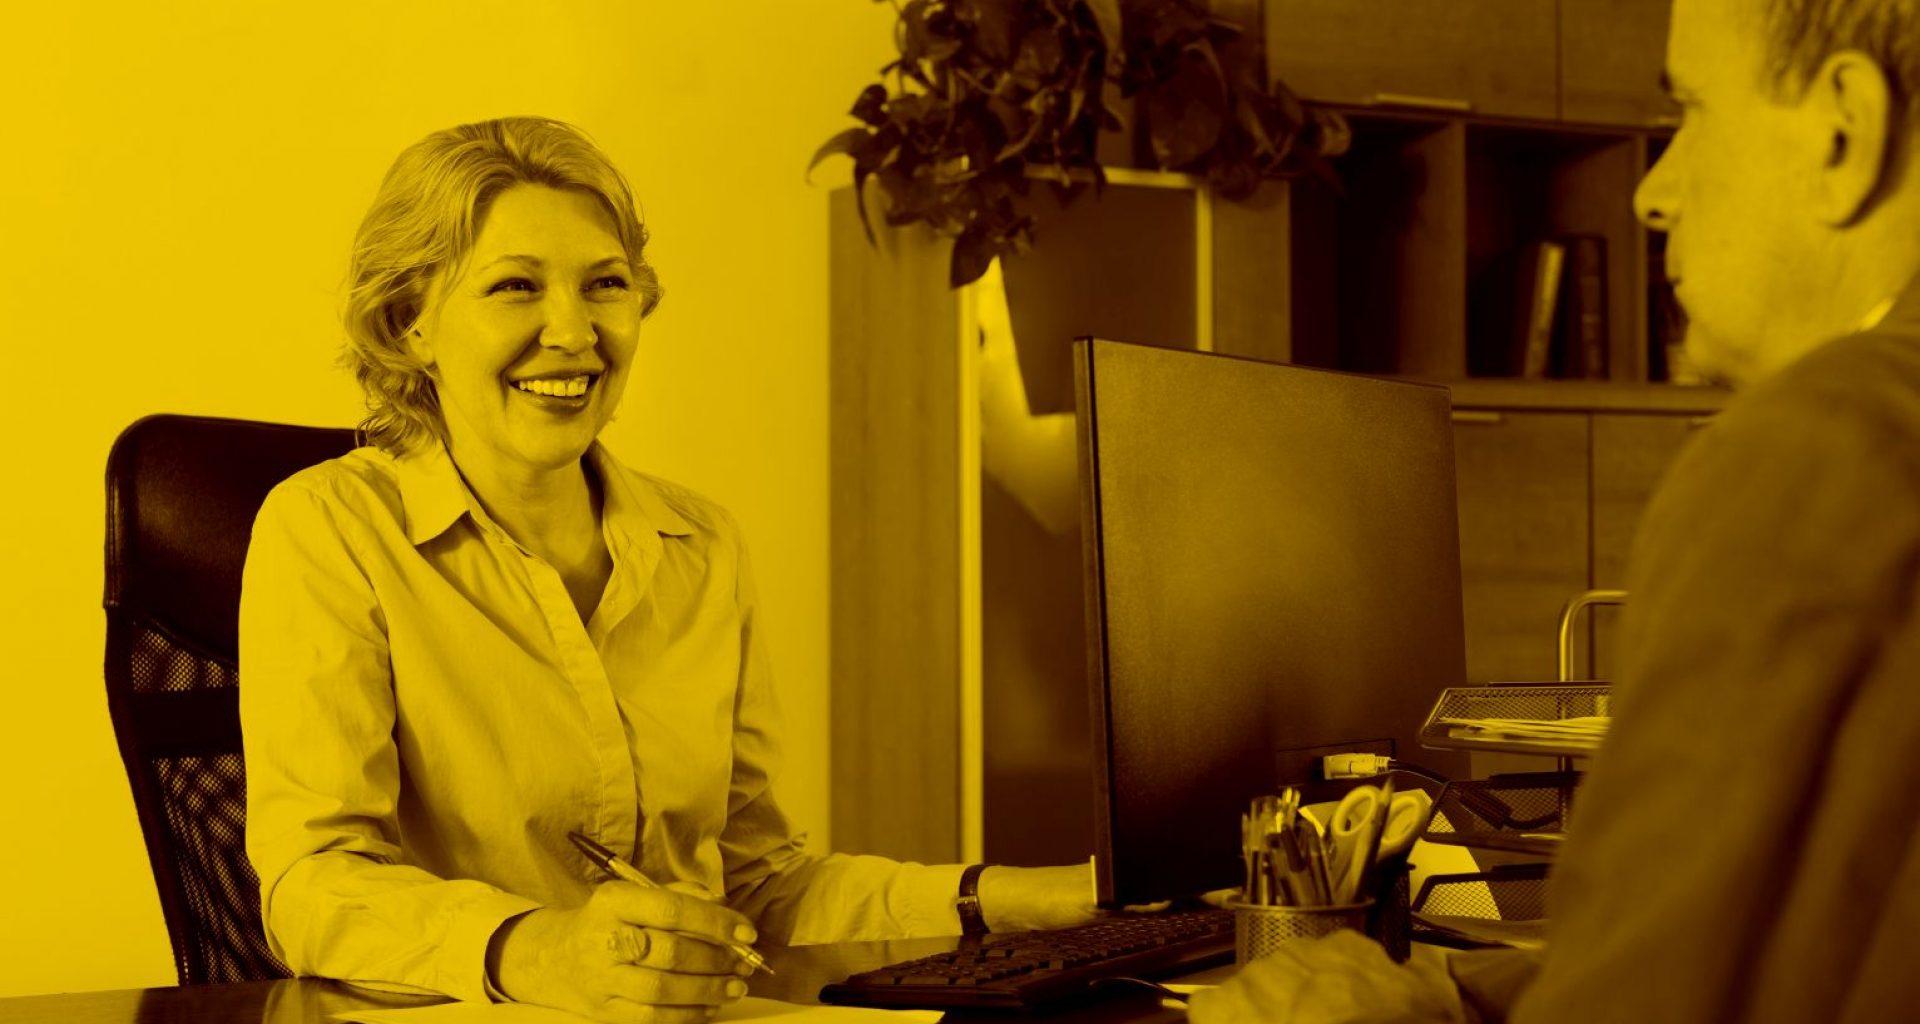 Versicherungsmarklerin berät Kunden mit Salia Maklersoftware in der maja.cloud